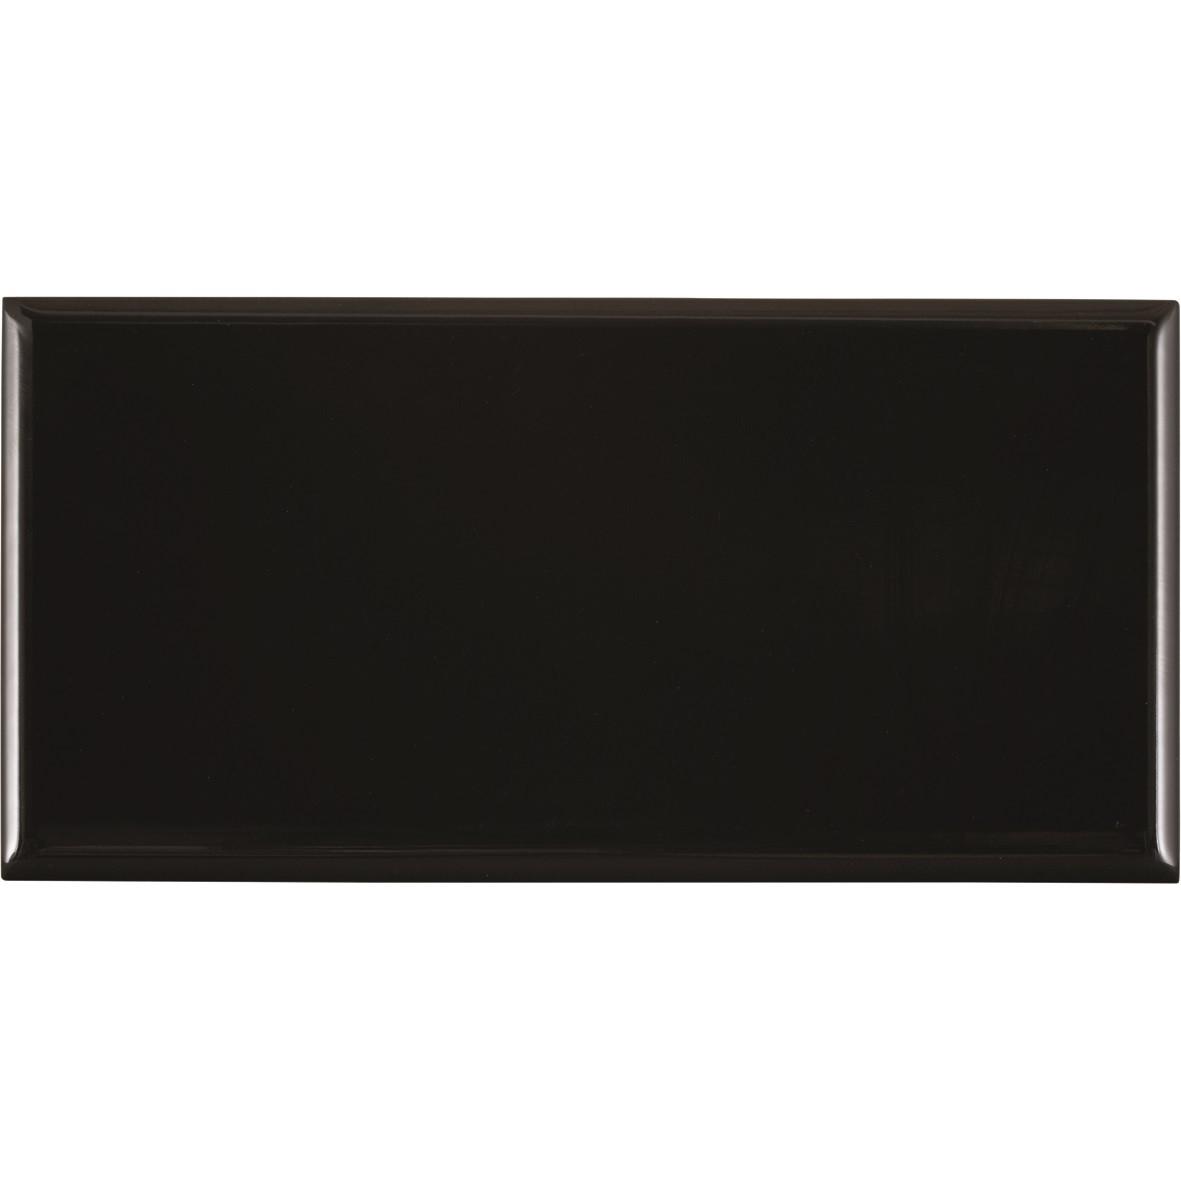 Revestimento Paris Charbon Brilhante Tipo A 10x20 cm 037 m Preto - Portobello